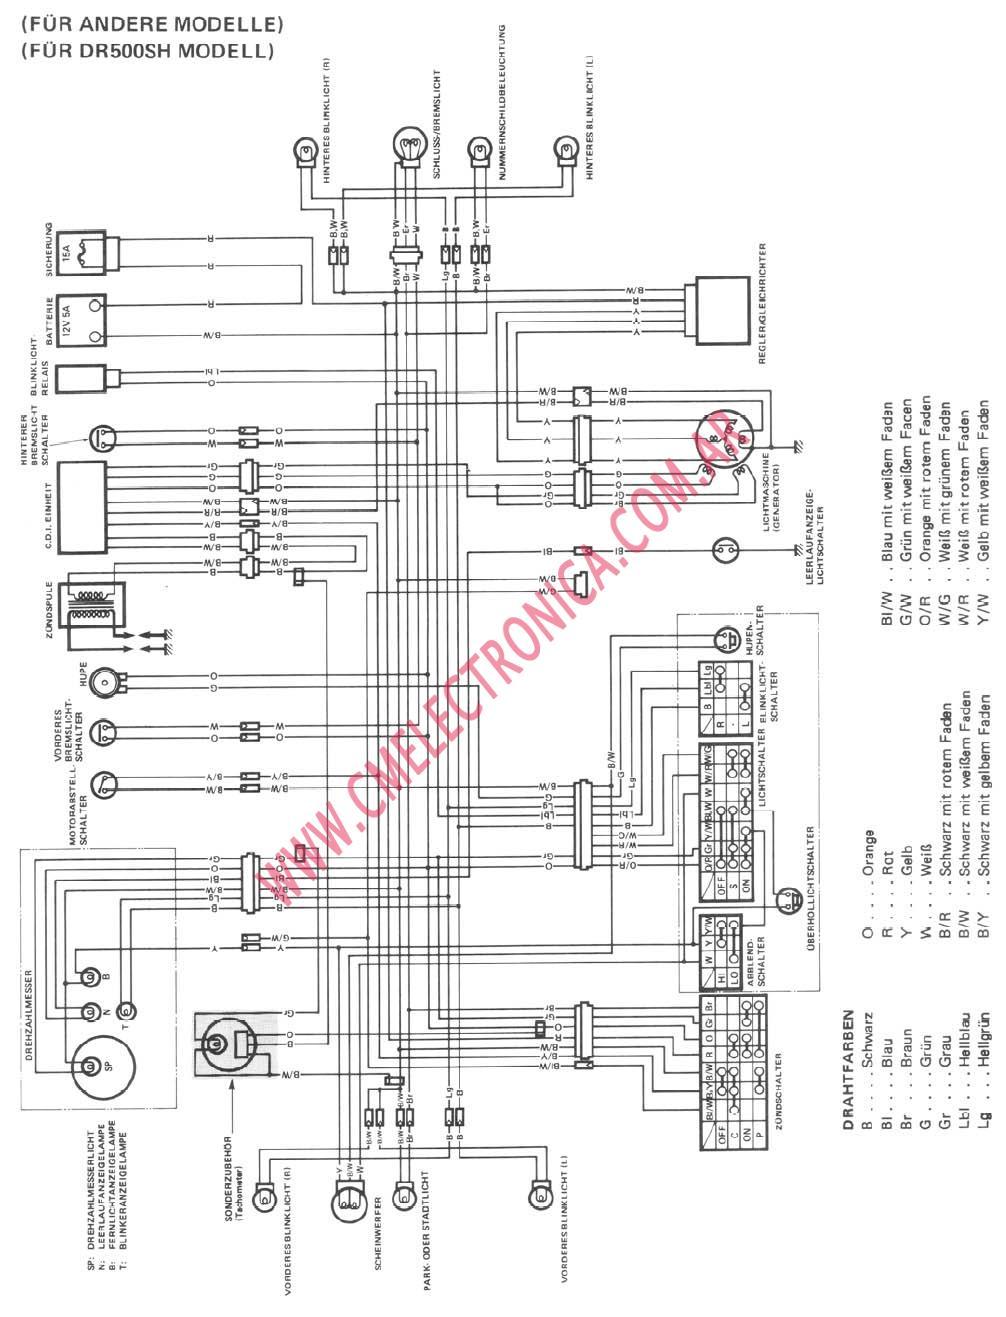 hight resolution of dr200 wiring diagram wiring diagram rowssuzuki dr 200 wiring diagram wiring diagram centre 2008 suzuki dr200